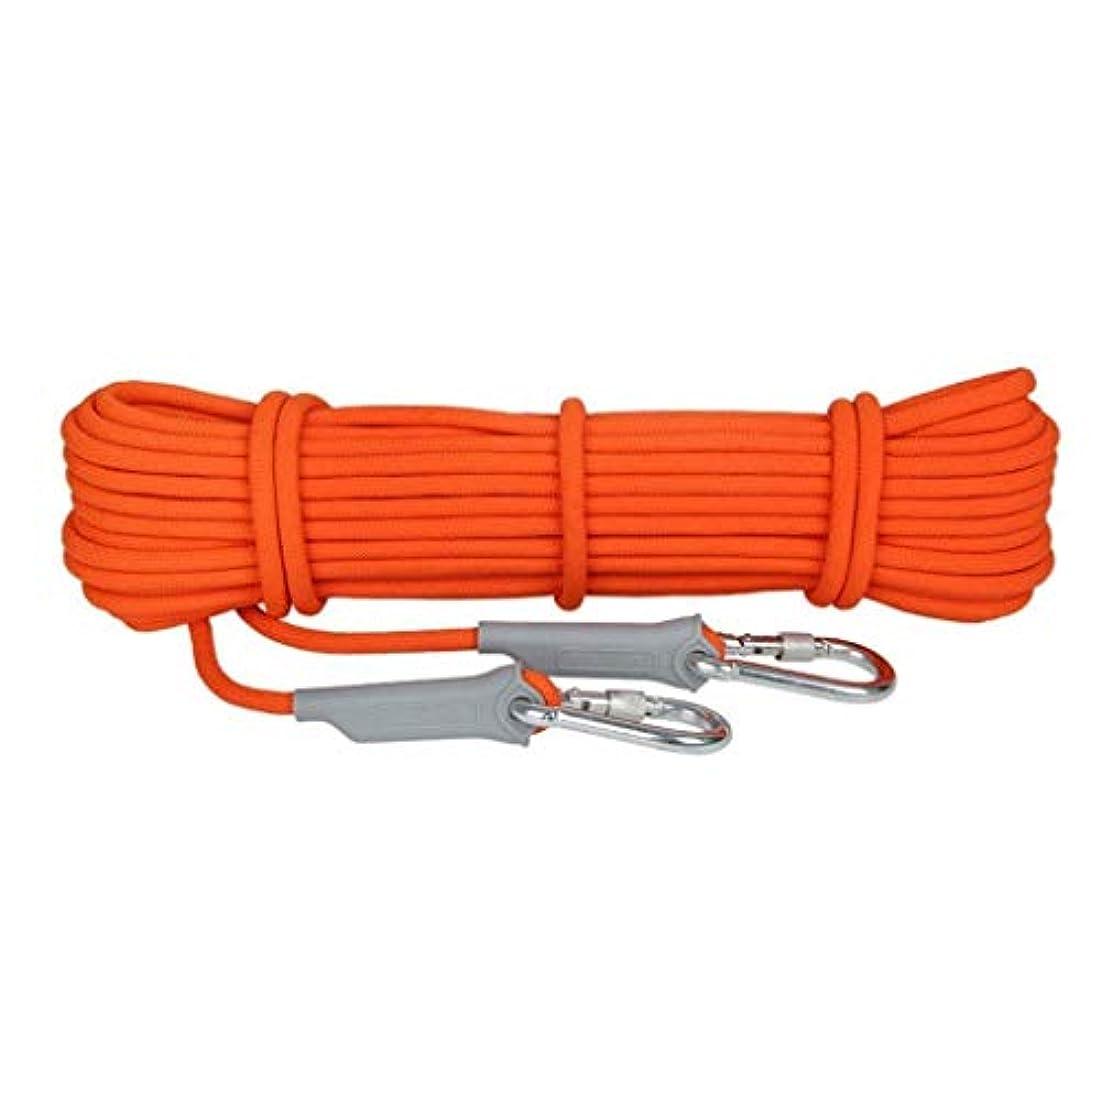 適用するパノラマ優れた登山ロープの家の火の緊急脱出ロープ、ハイキングの洞窟探検のキャンプの救助調査および工学保護のための多機能のコードの安全ロープ。 (Color : 8.5mm, Size : 15m)